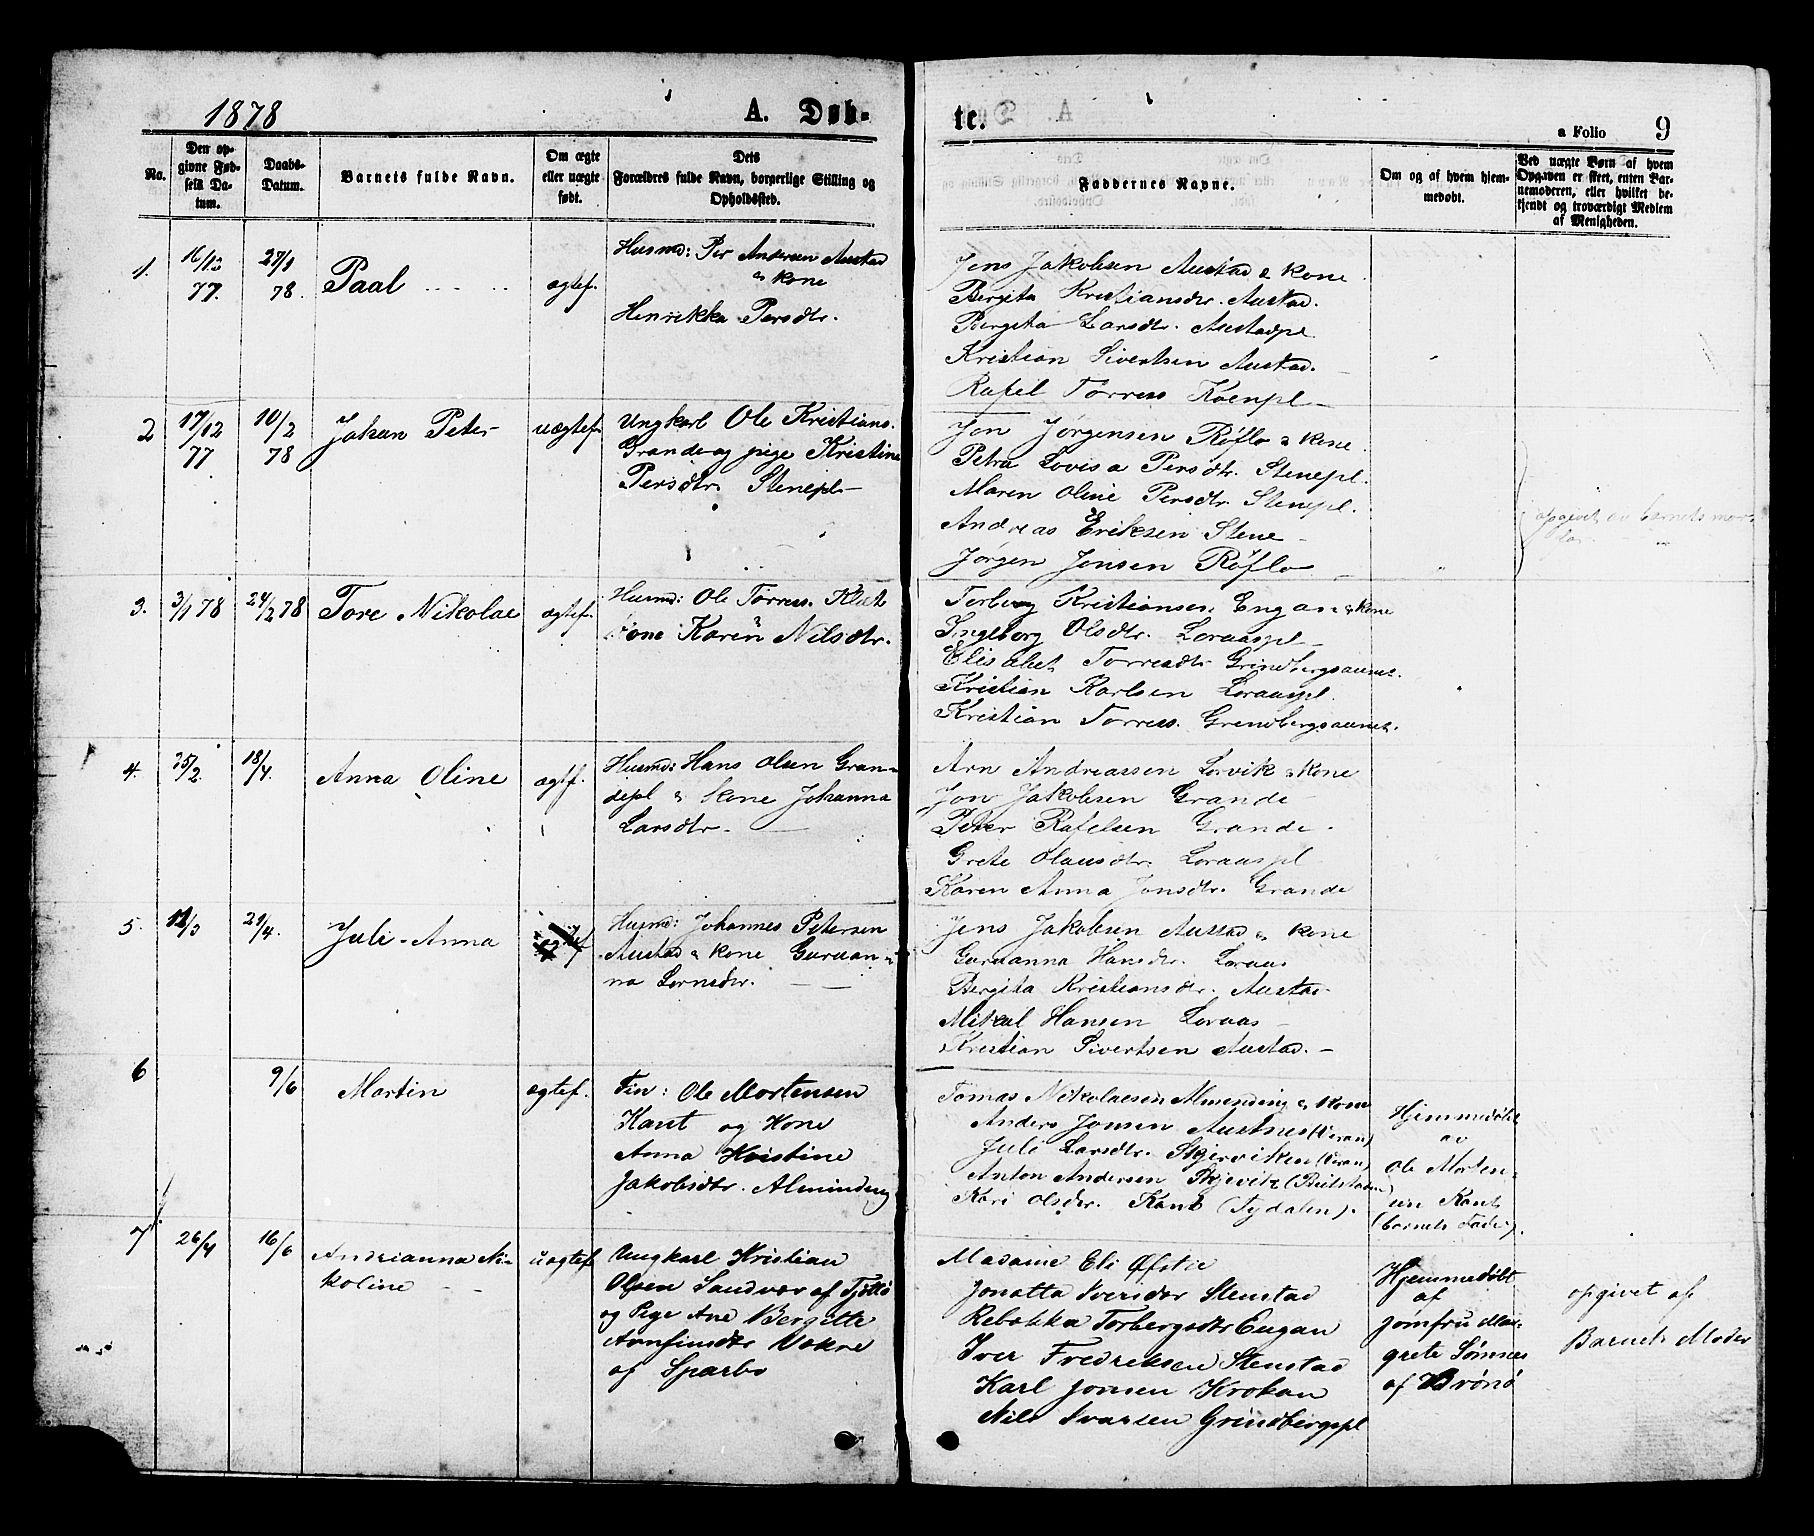 SAT, Ministerialprotokoller, klokkerbøker og fødselsregistre - Nord-Trøndelag, 731/L0311: Klokkerbok nr. 731C02, 1875-1911, s. 9